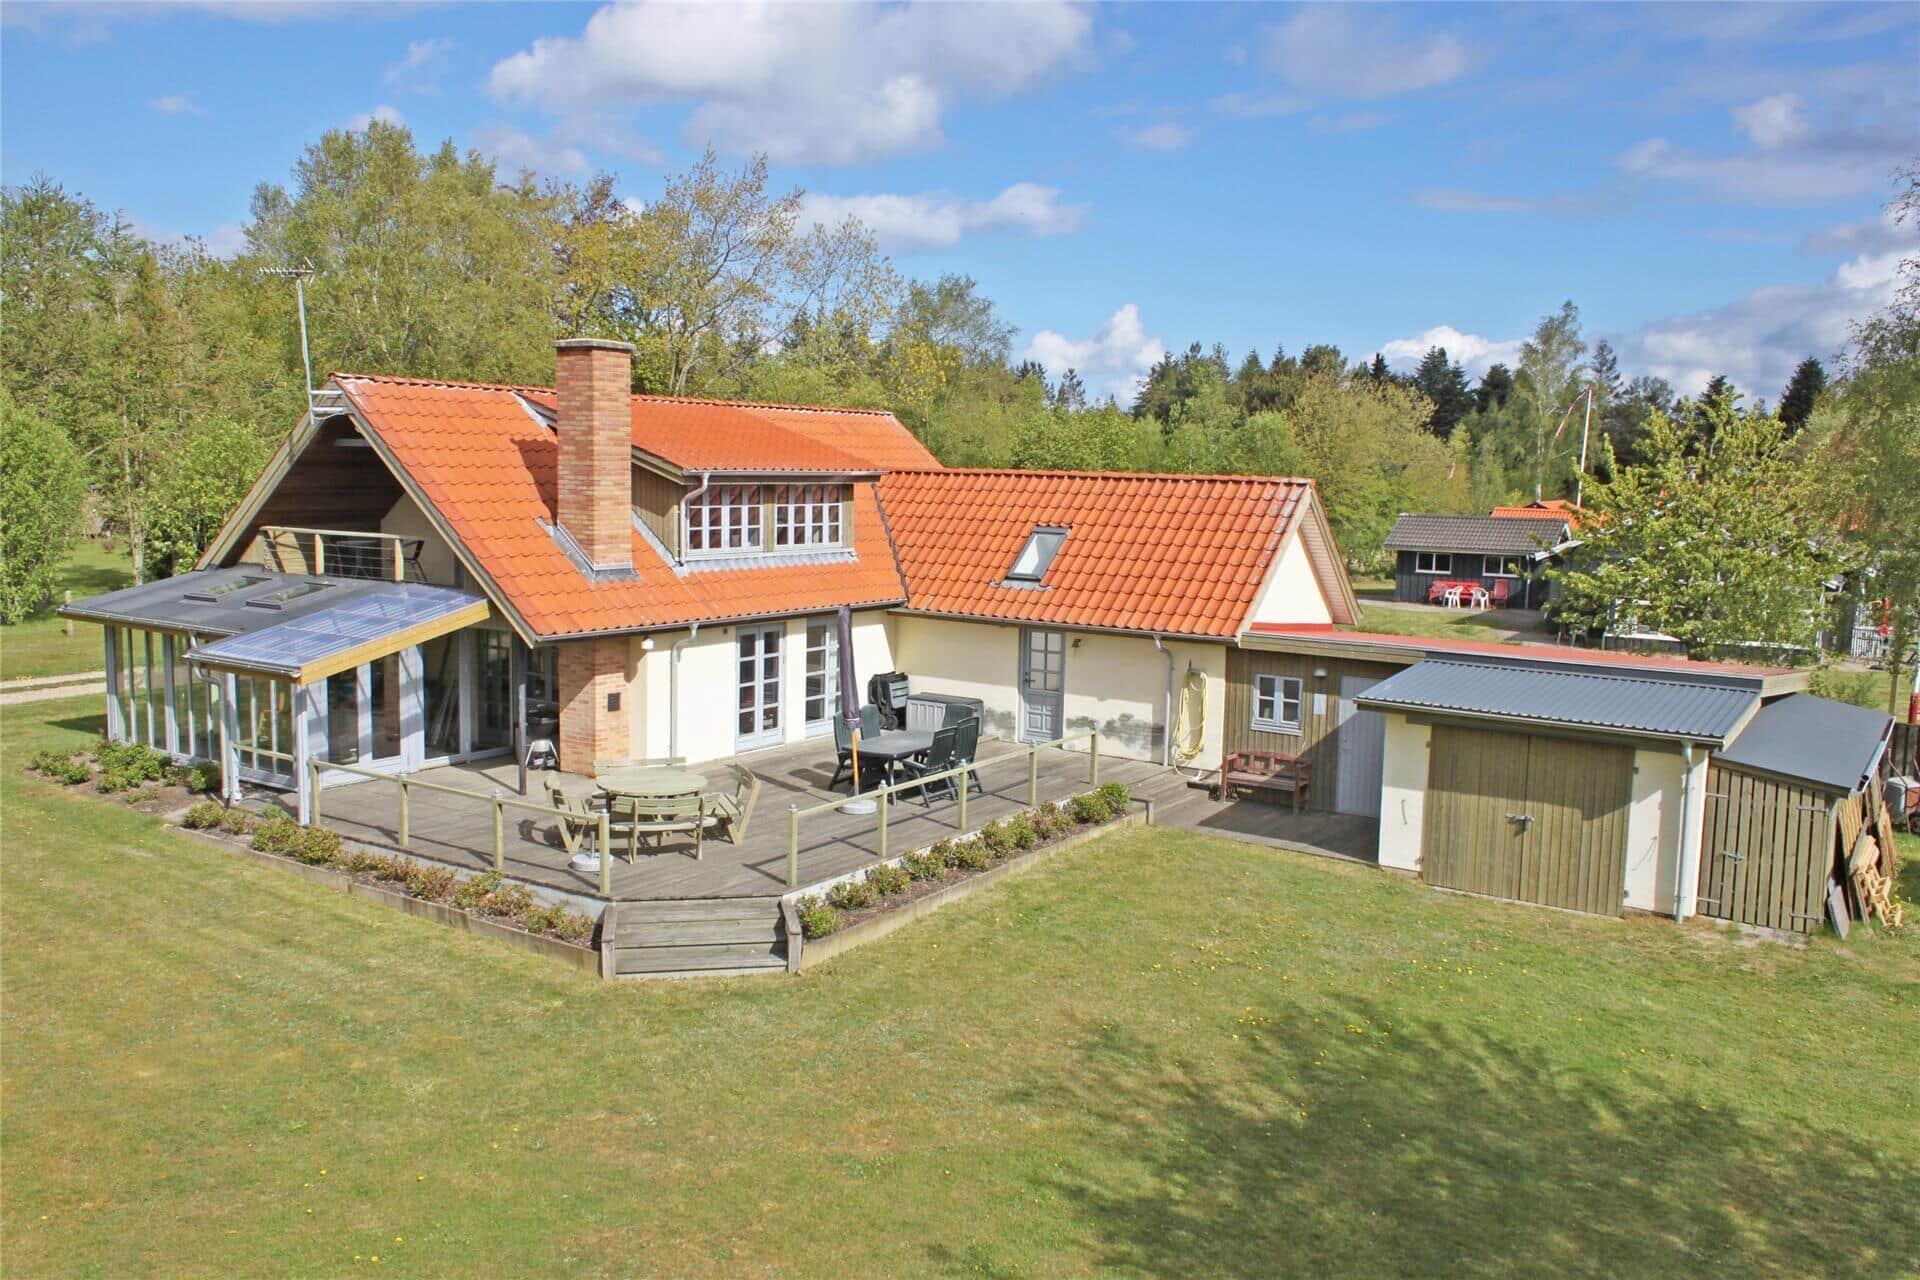 Billede 1-3 Sommerhus L15175, Mosevej 6, DK - 7840 Højslev